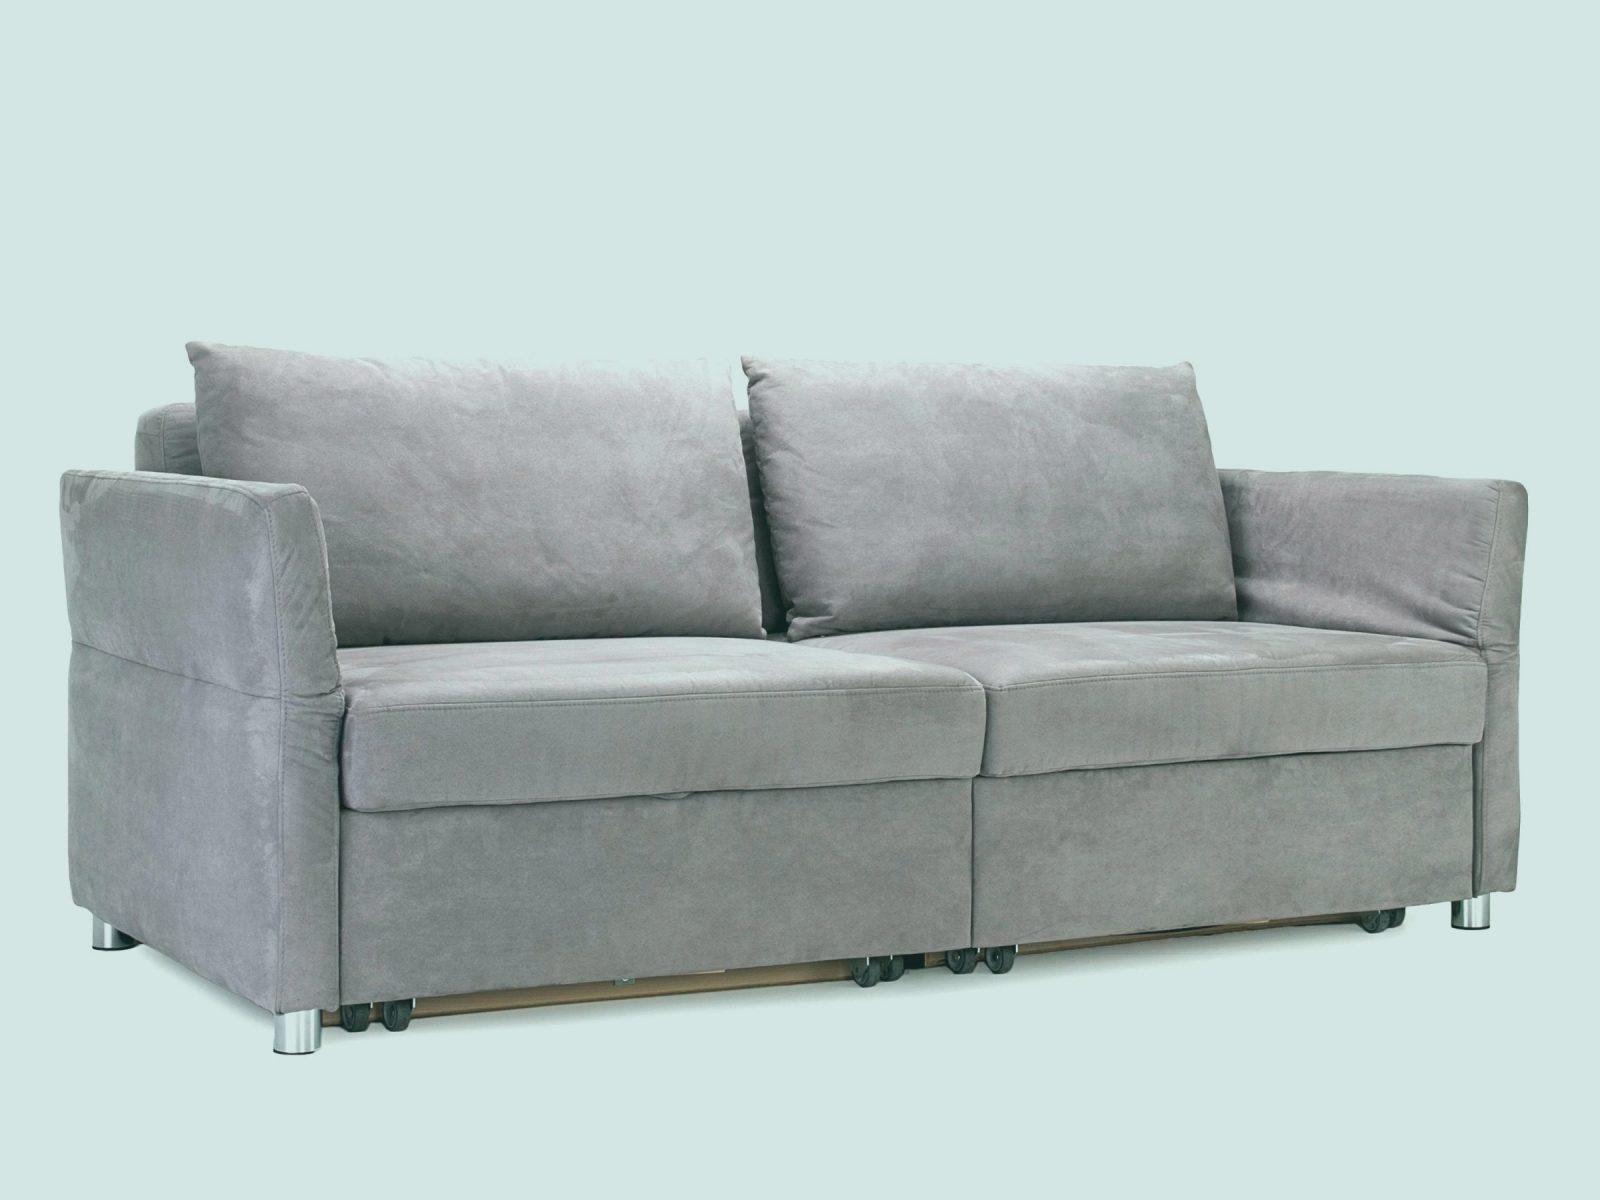 Couchgarnituren Kleine Räume  Haus Möbel von Wohnlandschaft Für Kleine Räume Photo